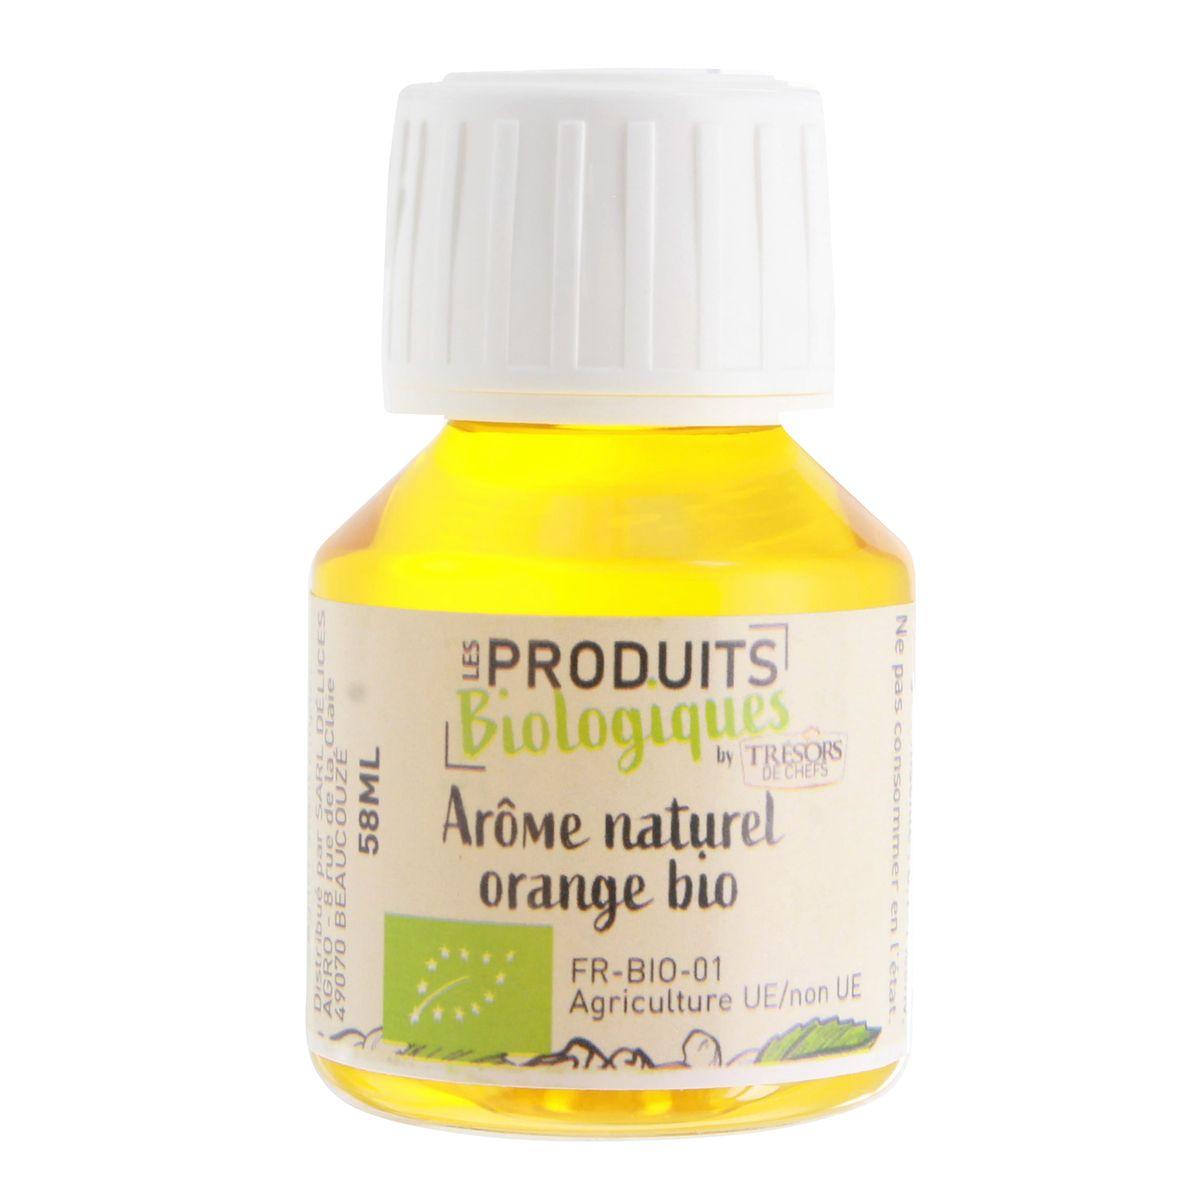 Arôme alimentaire bio orange 58 ml  - Trésors de Chefs